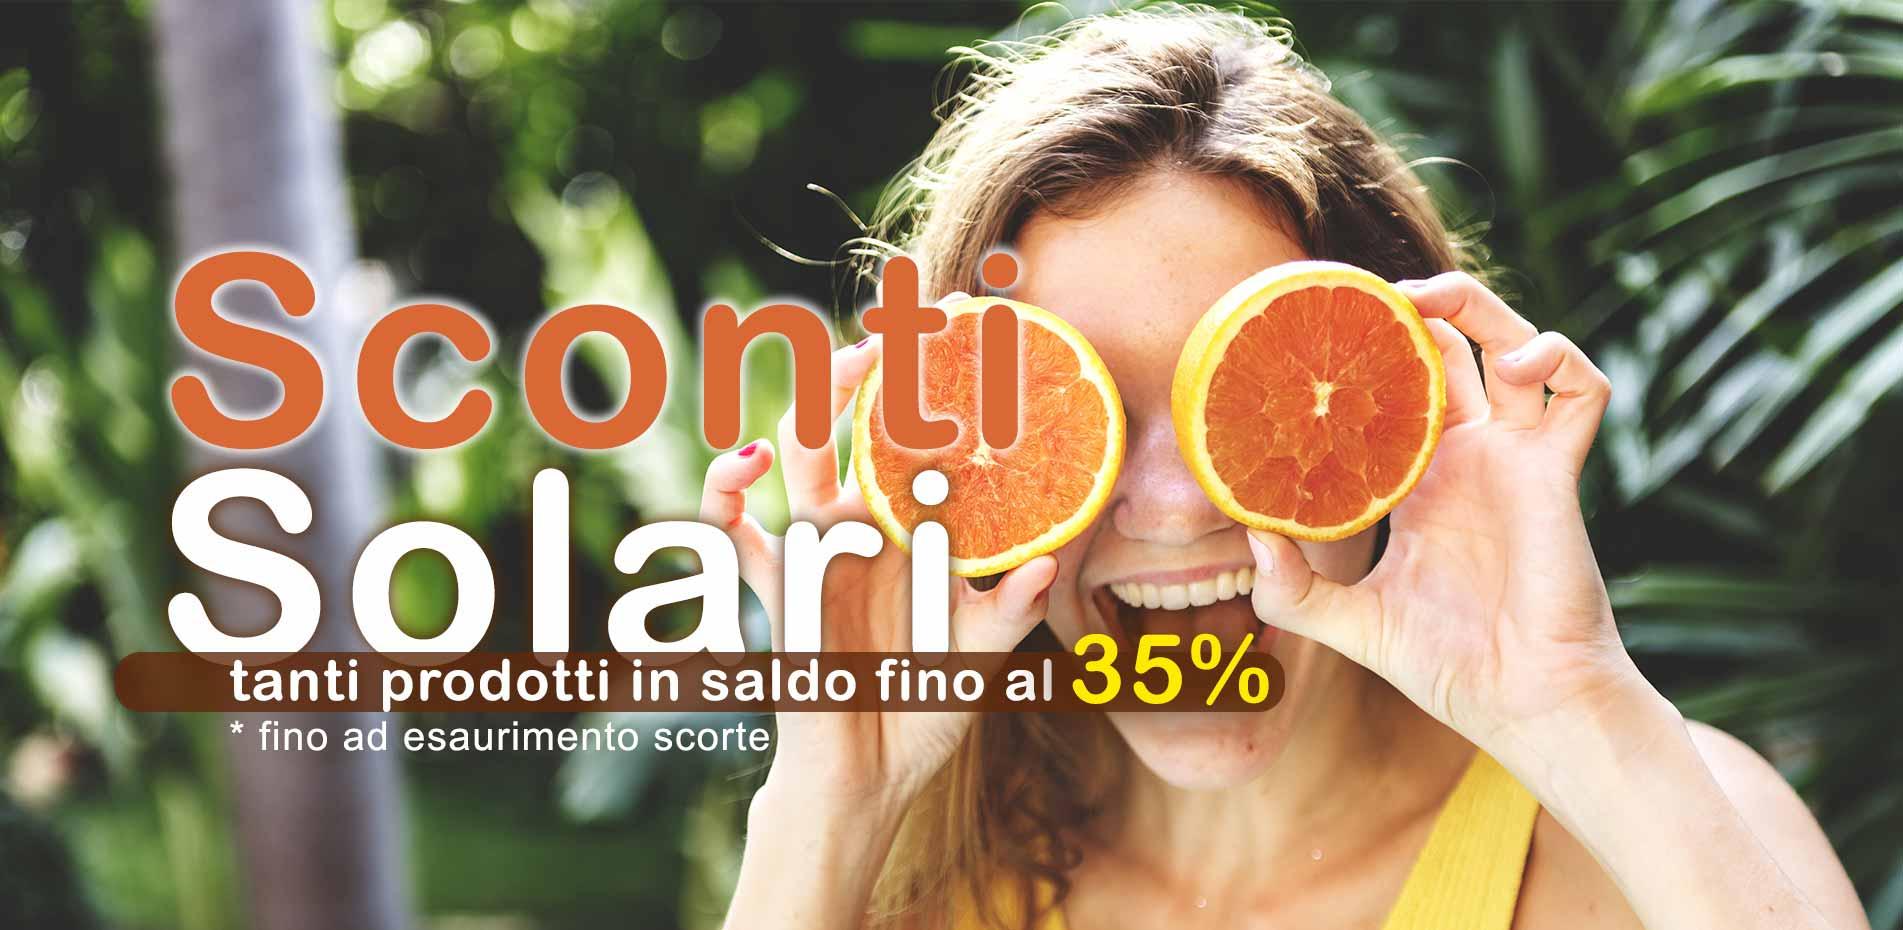 Promo Solari